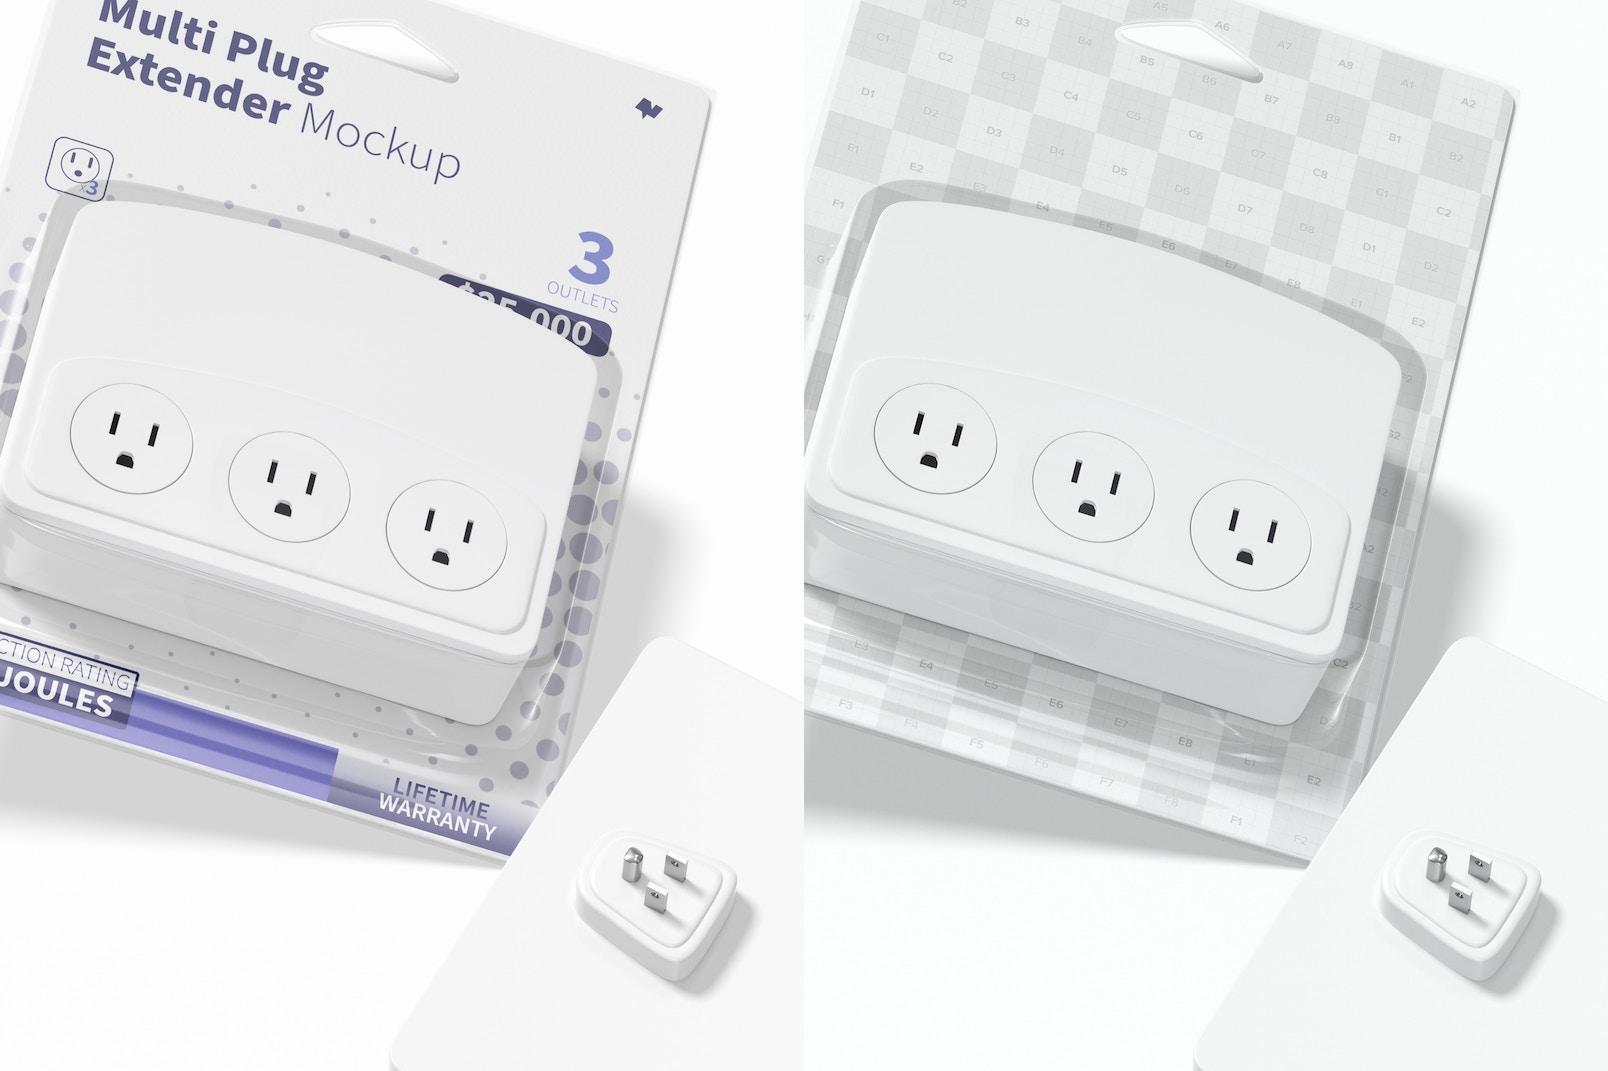 Multi Plug Extender Mockup, Close Up